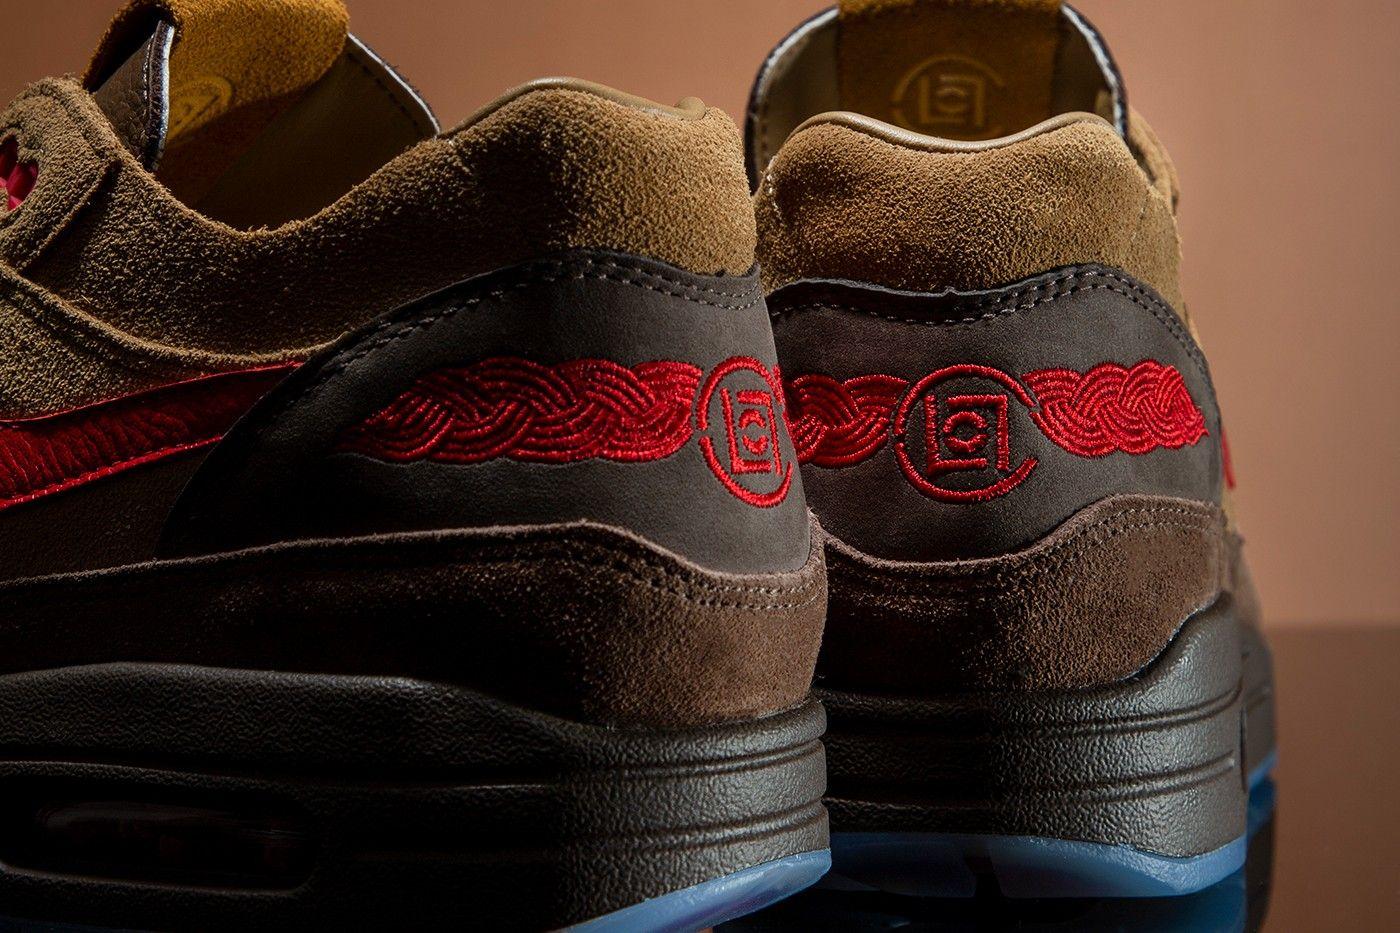 CLOT x Nike Air Max 1 'Kiss of Death - Cha' official